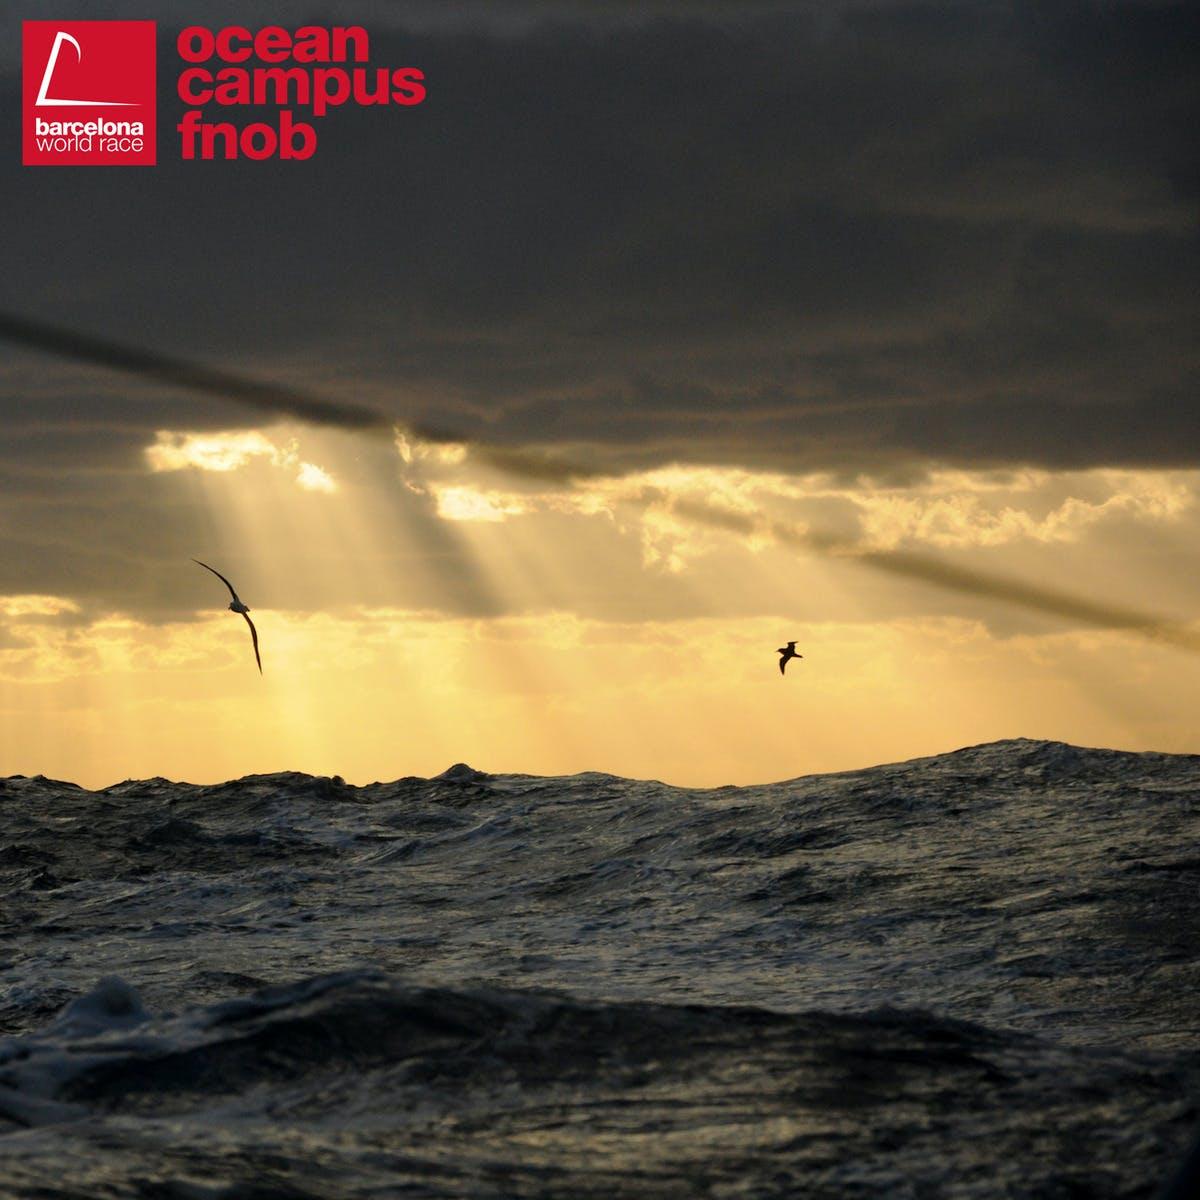 Oceanografía: una clave para entender mejor nuestro mundo